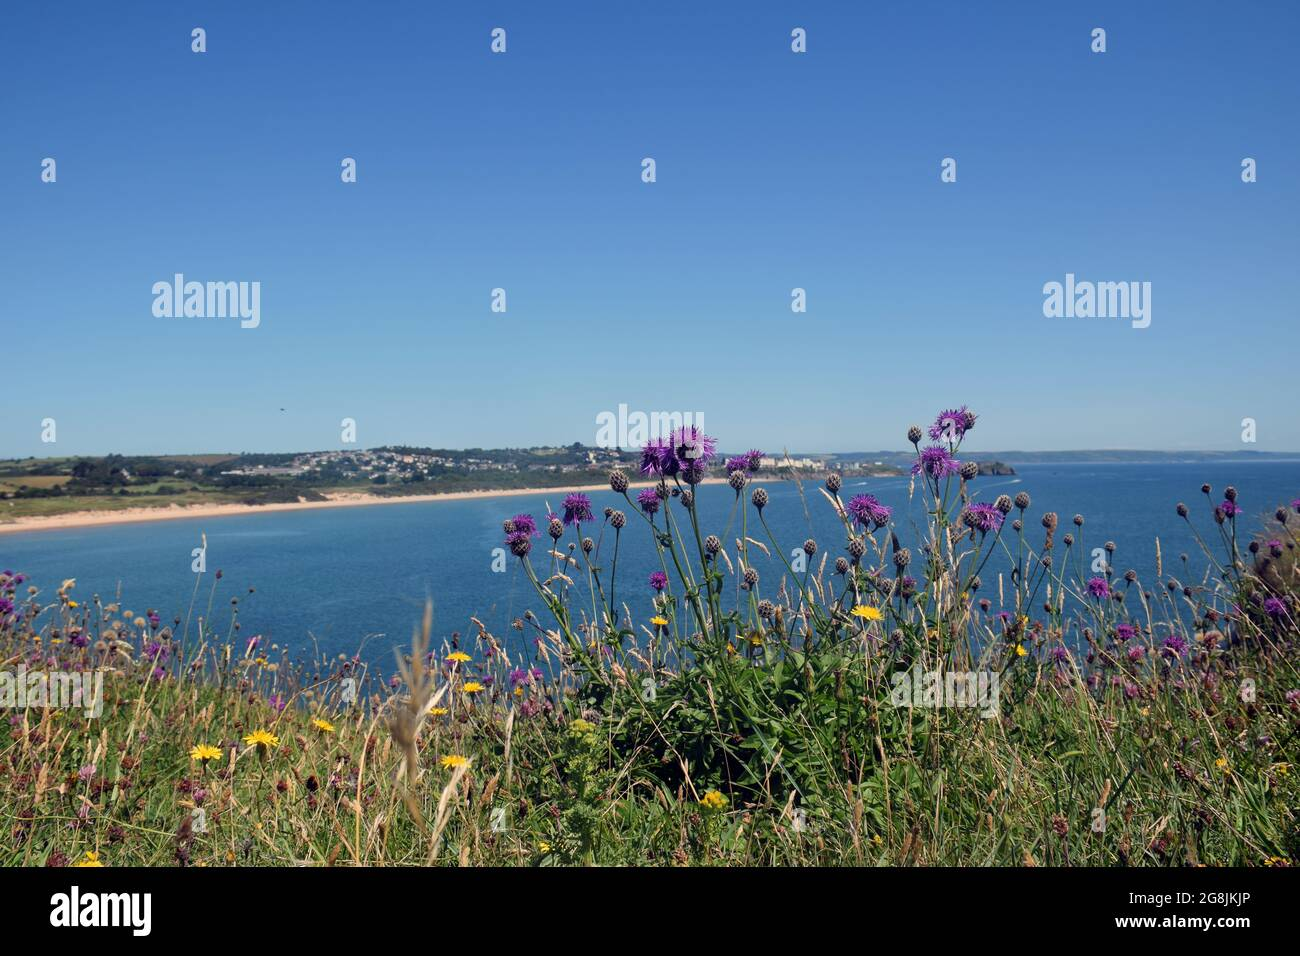 South Beach, Tenby, Pembrokeshire, South Wales juillet 2021 Banque D'Images